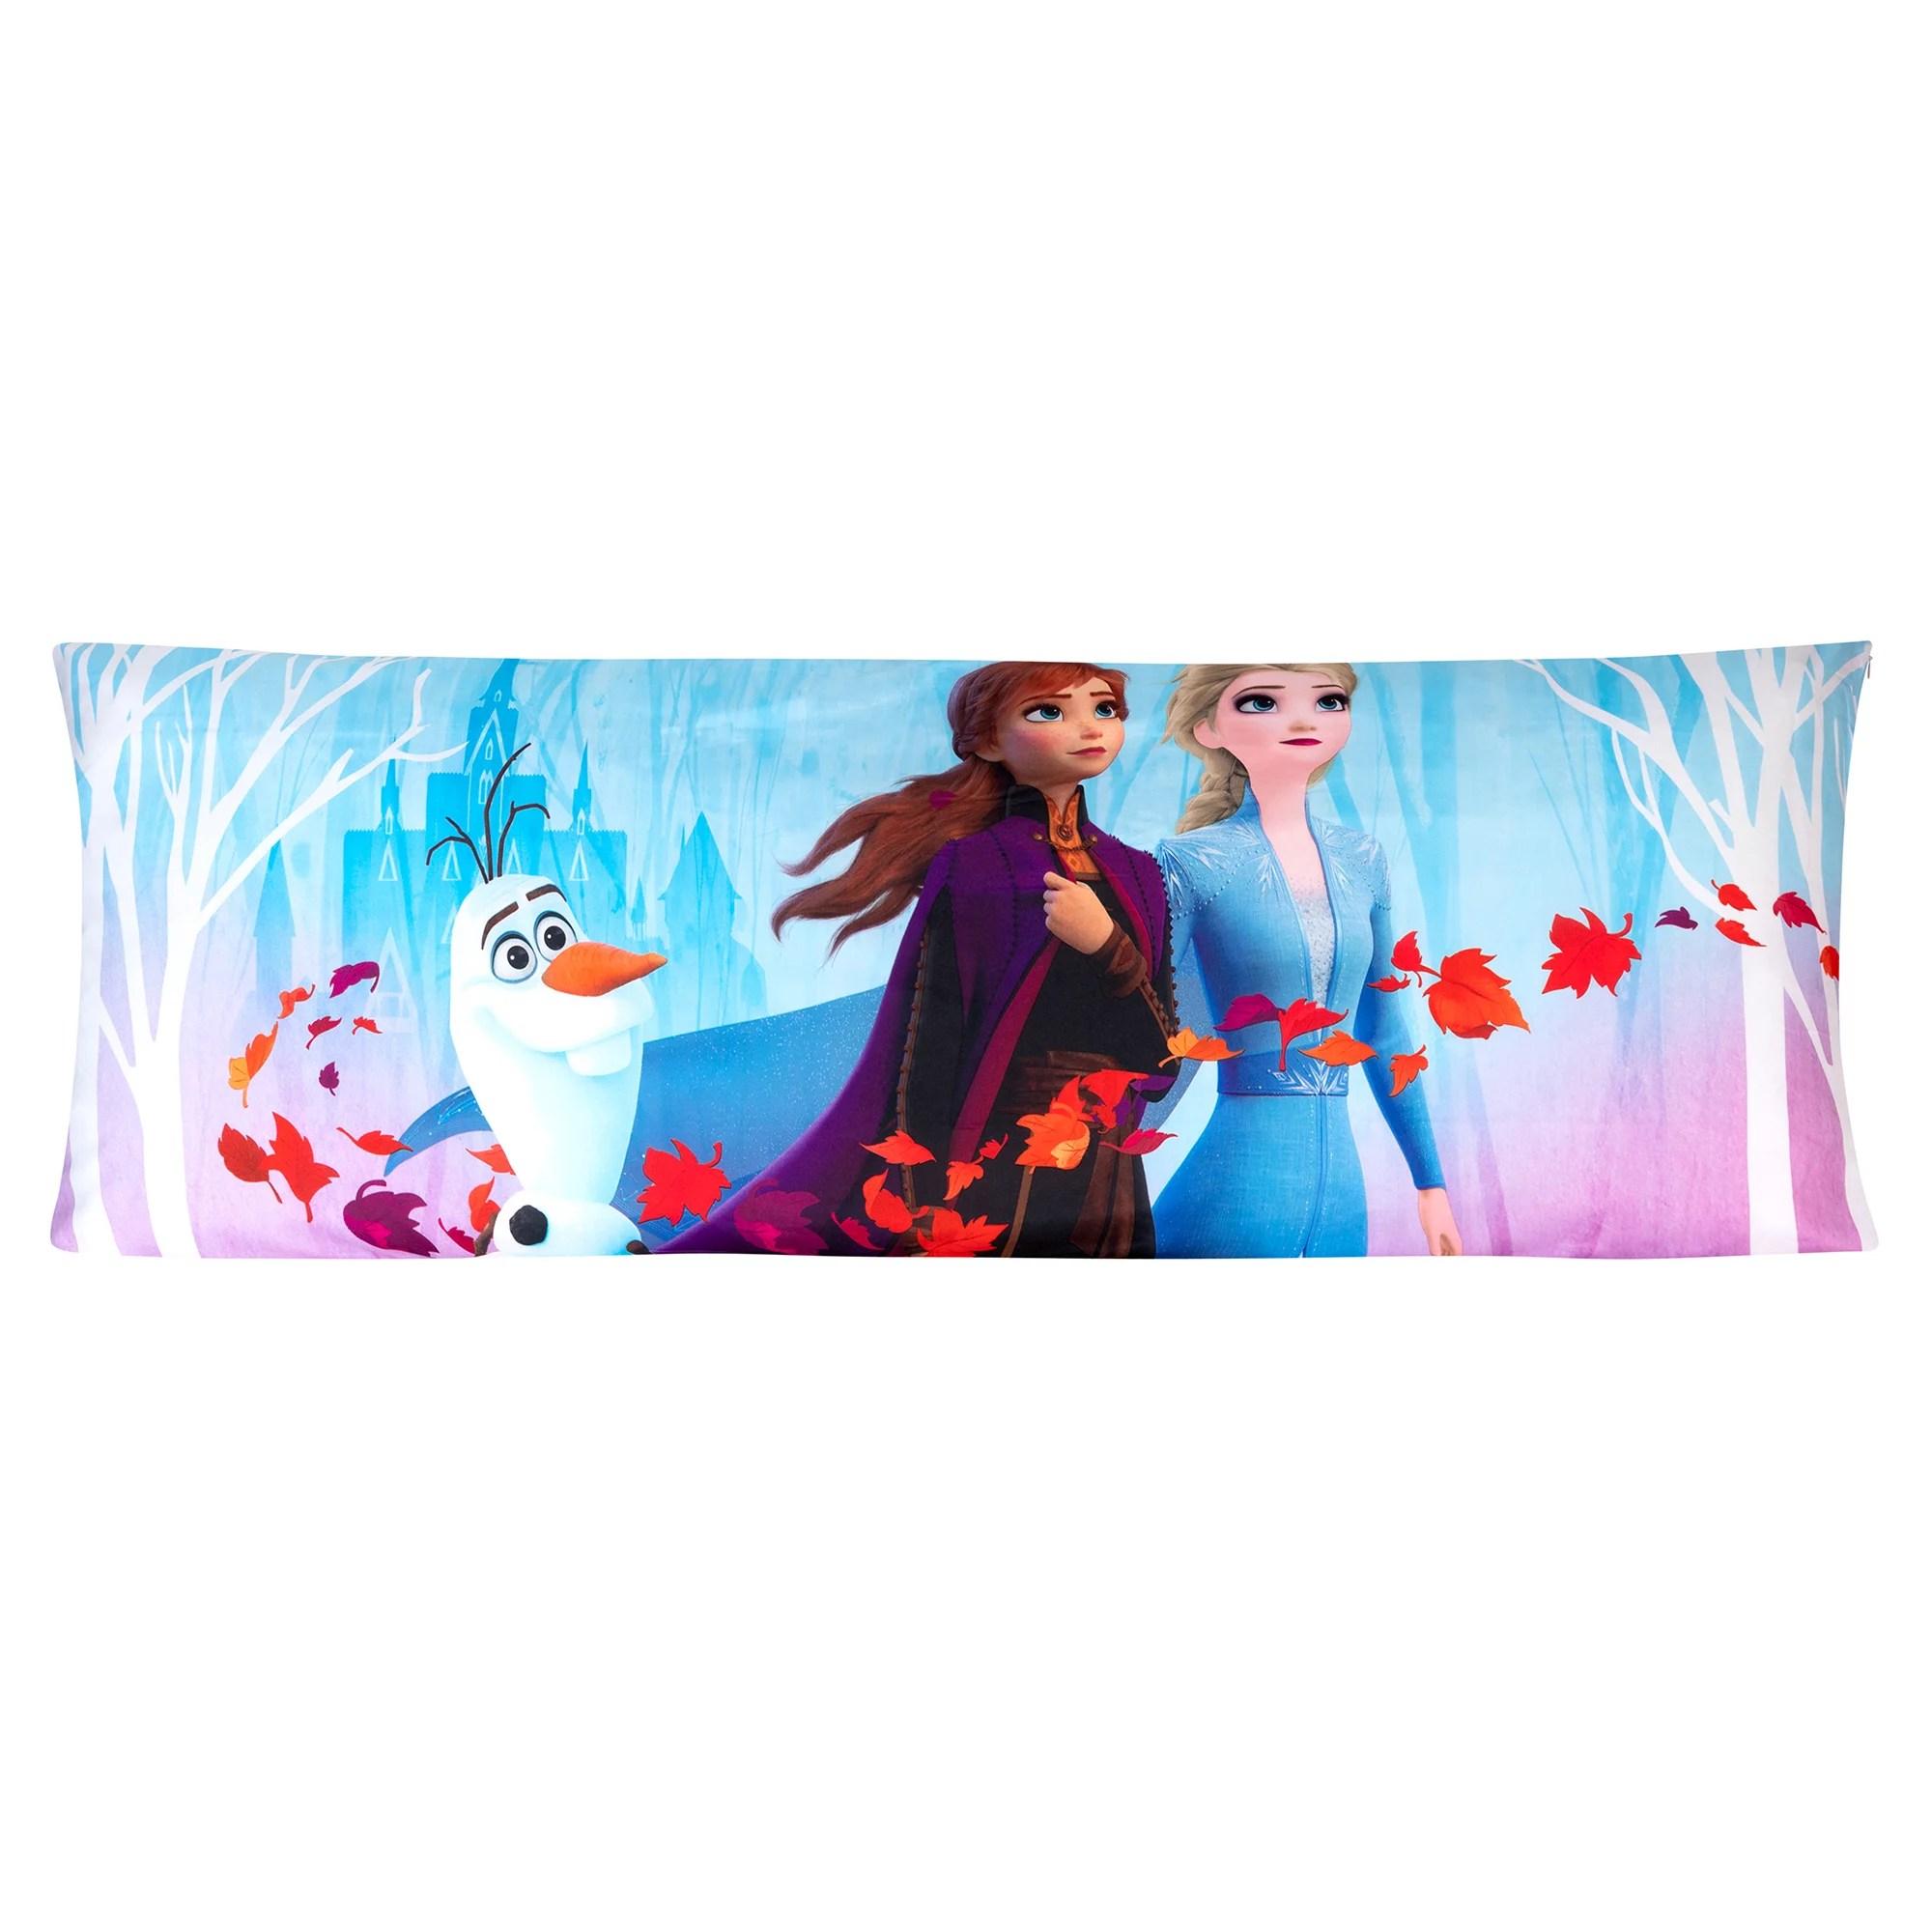 frozen 2 body pillow cover with zipper kids bedding 20 x54